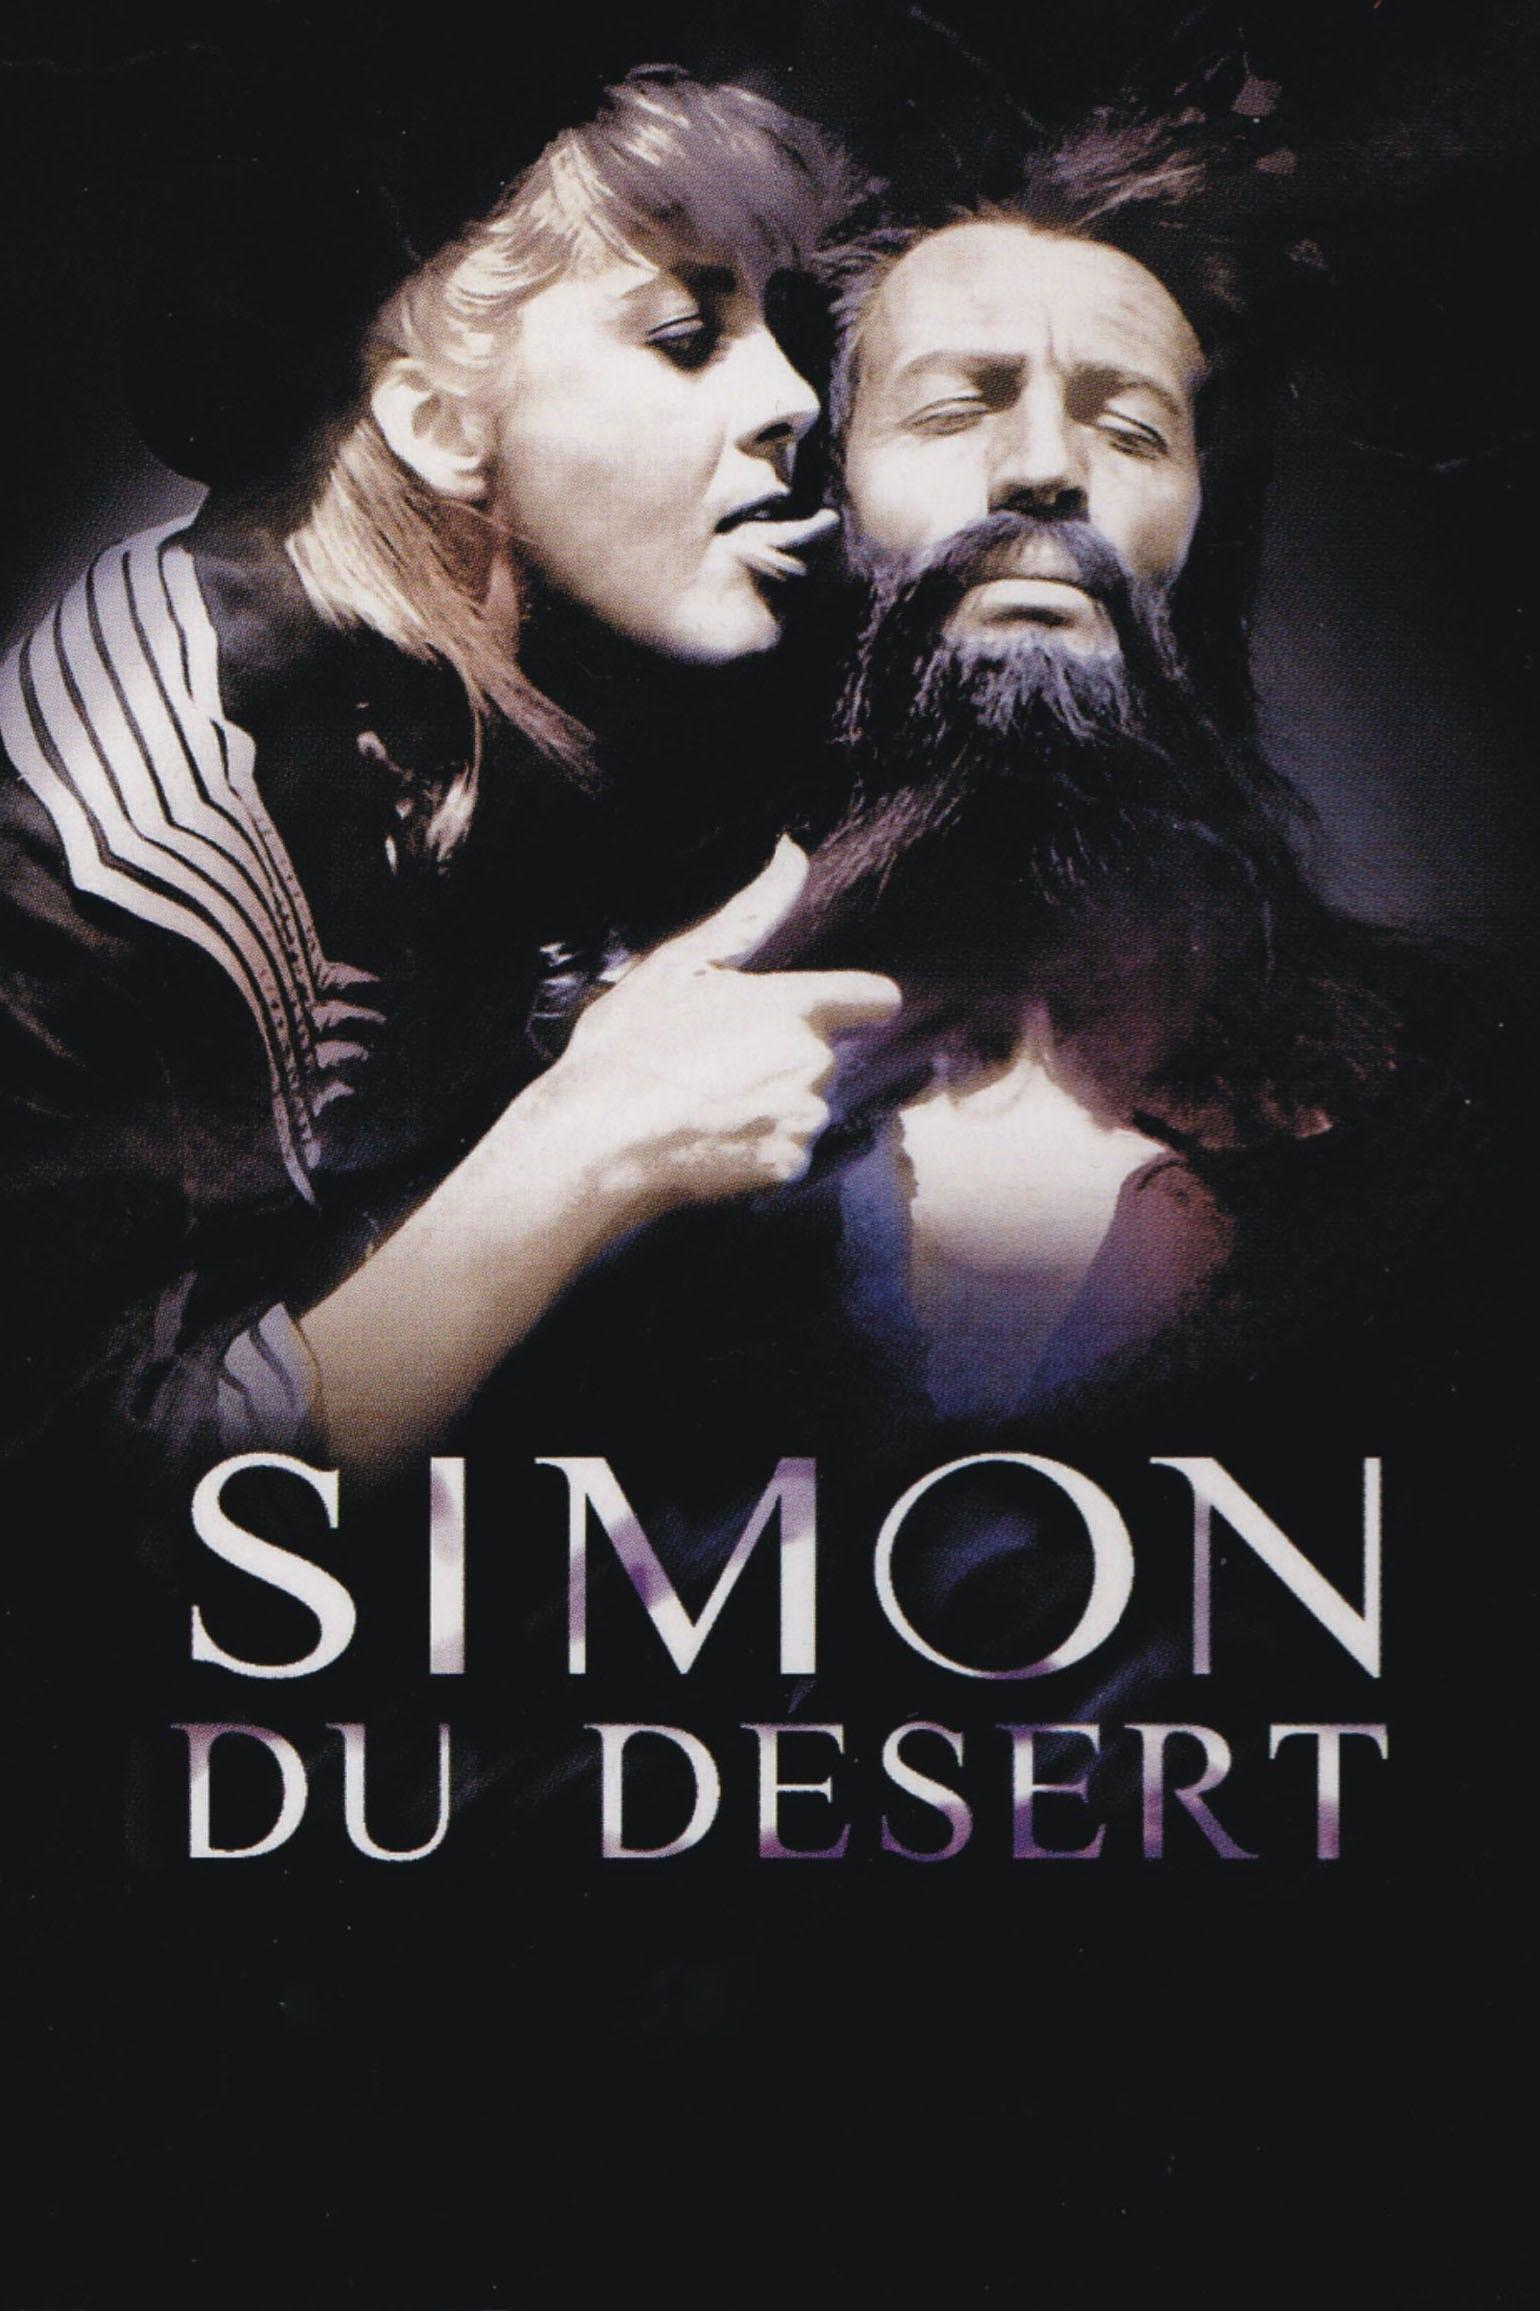 沙漠中的西蒙 Simón del desierto (1965) 中文字幕